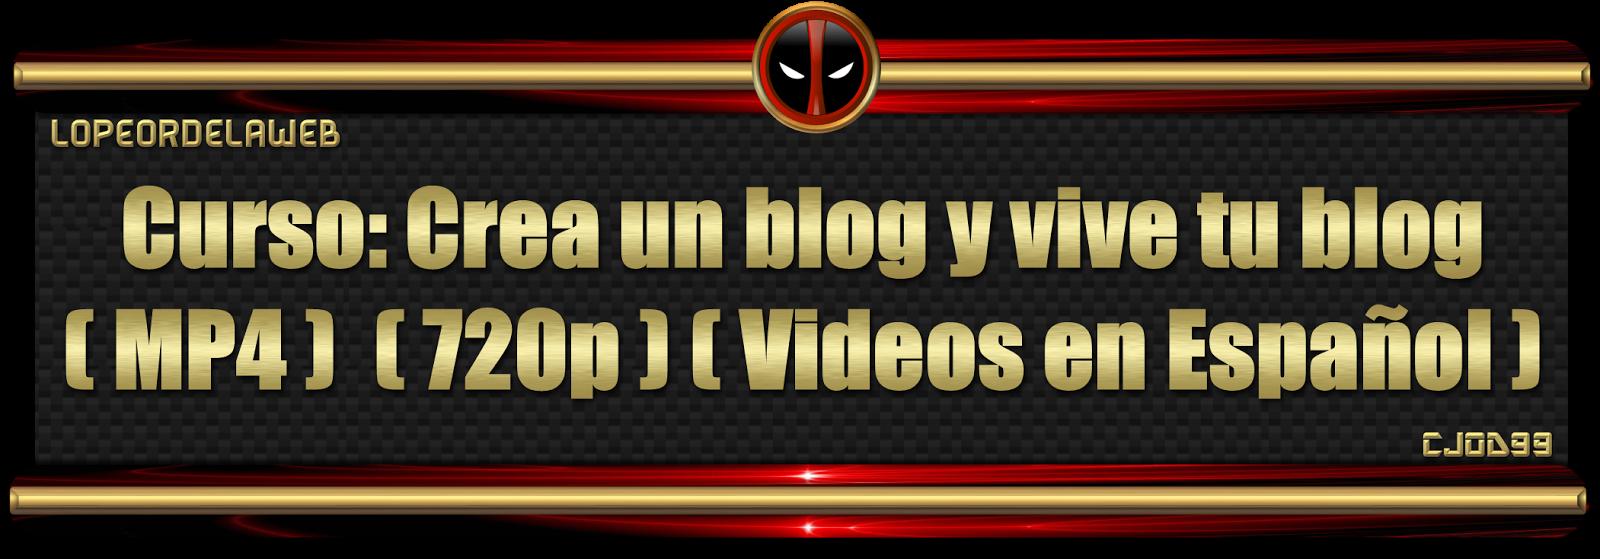 Curso: Crea un blog y vive tu blog